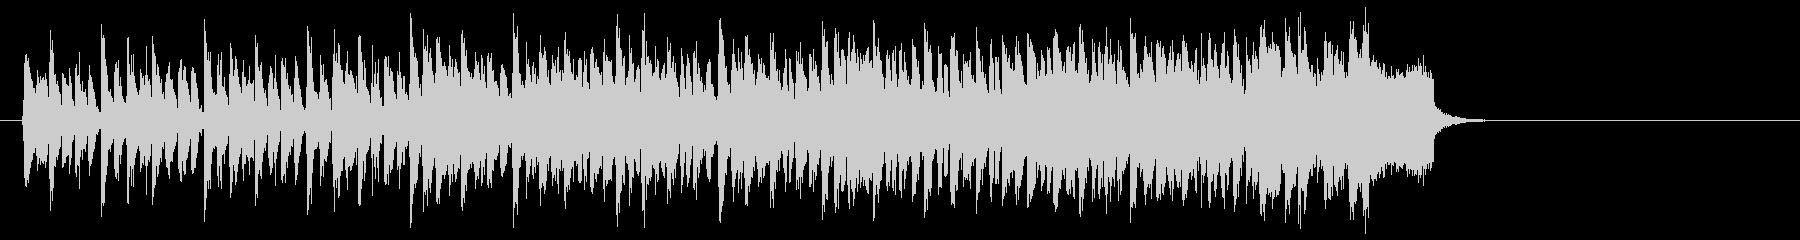 力強い歌謡曲風ポップス(イントロ~エ…)の未再生の波形